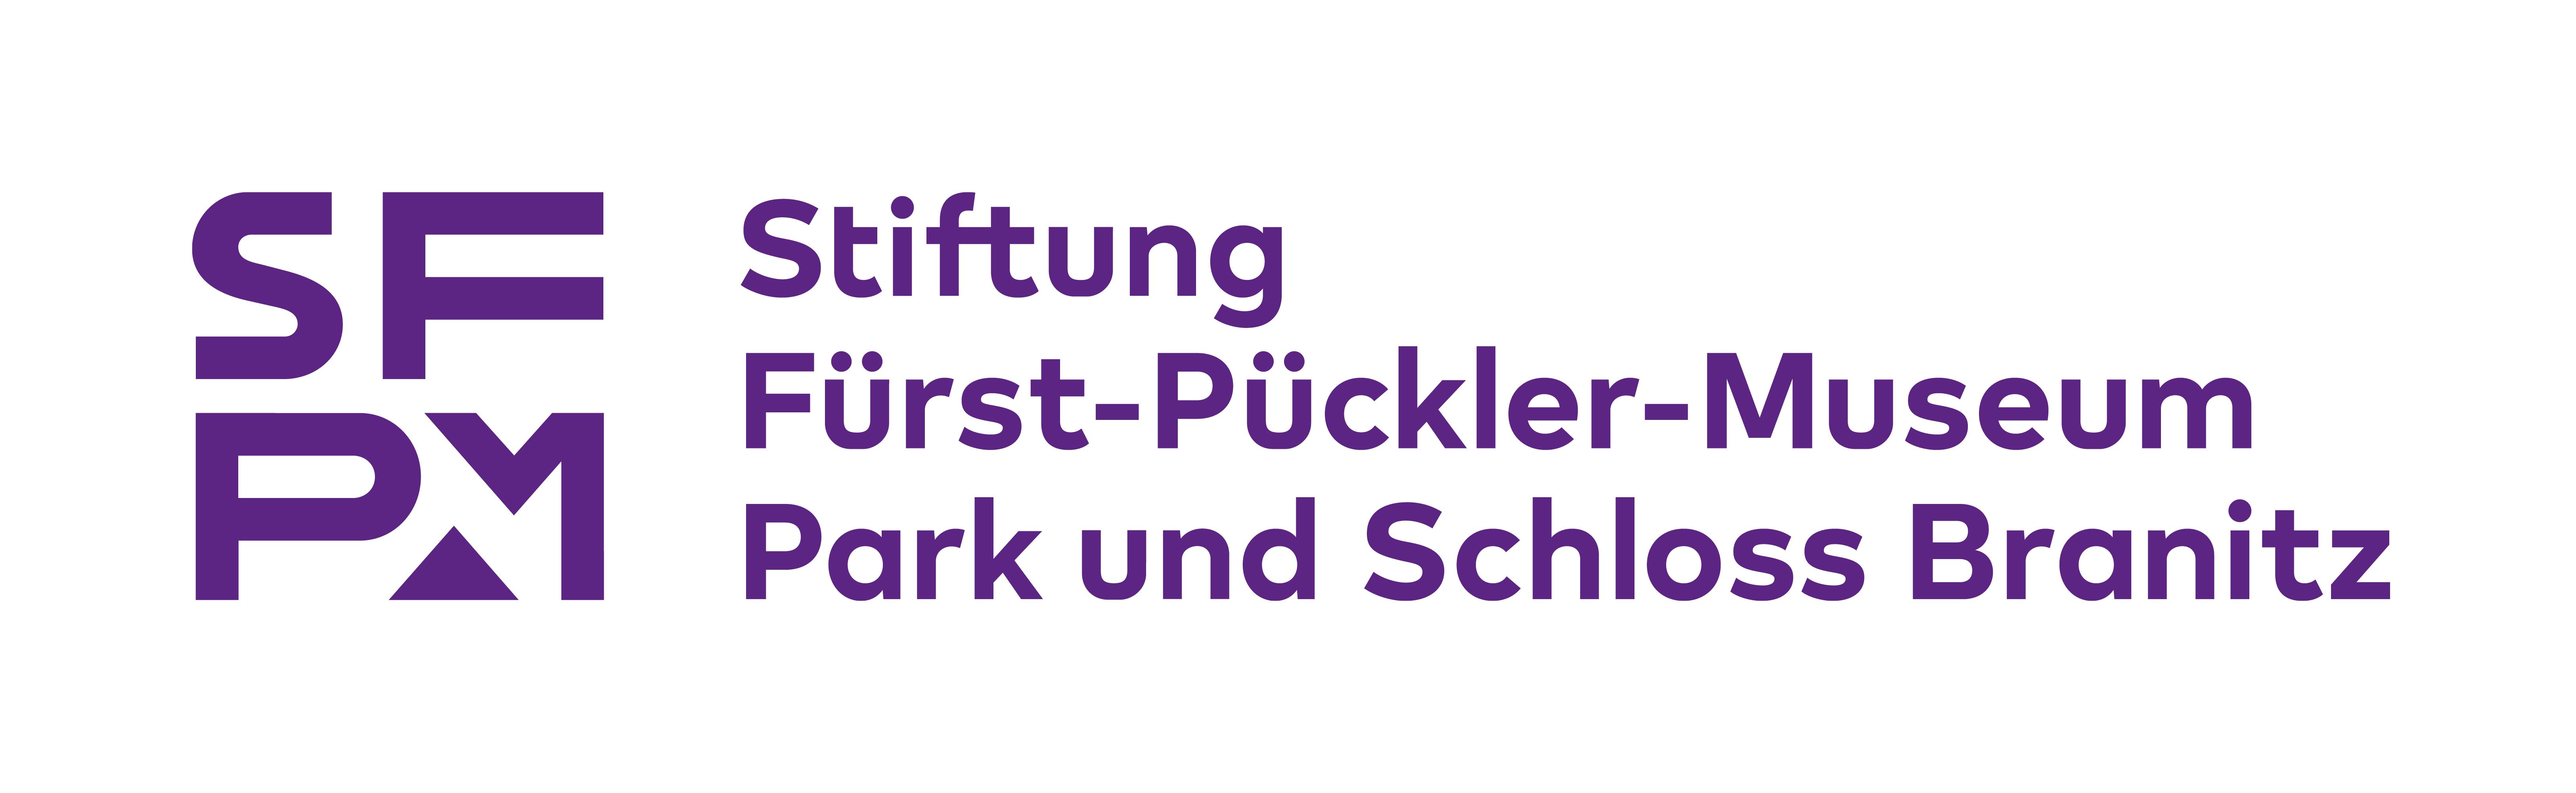 Fachbereichsleiter (m/w/d) Park & Gartendenkmalpflege - Stiftung Fürst-Pückler-Museum Park und Schloss Branitz - Logo